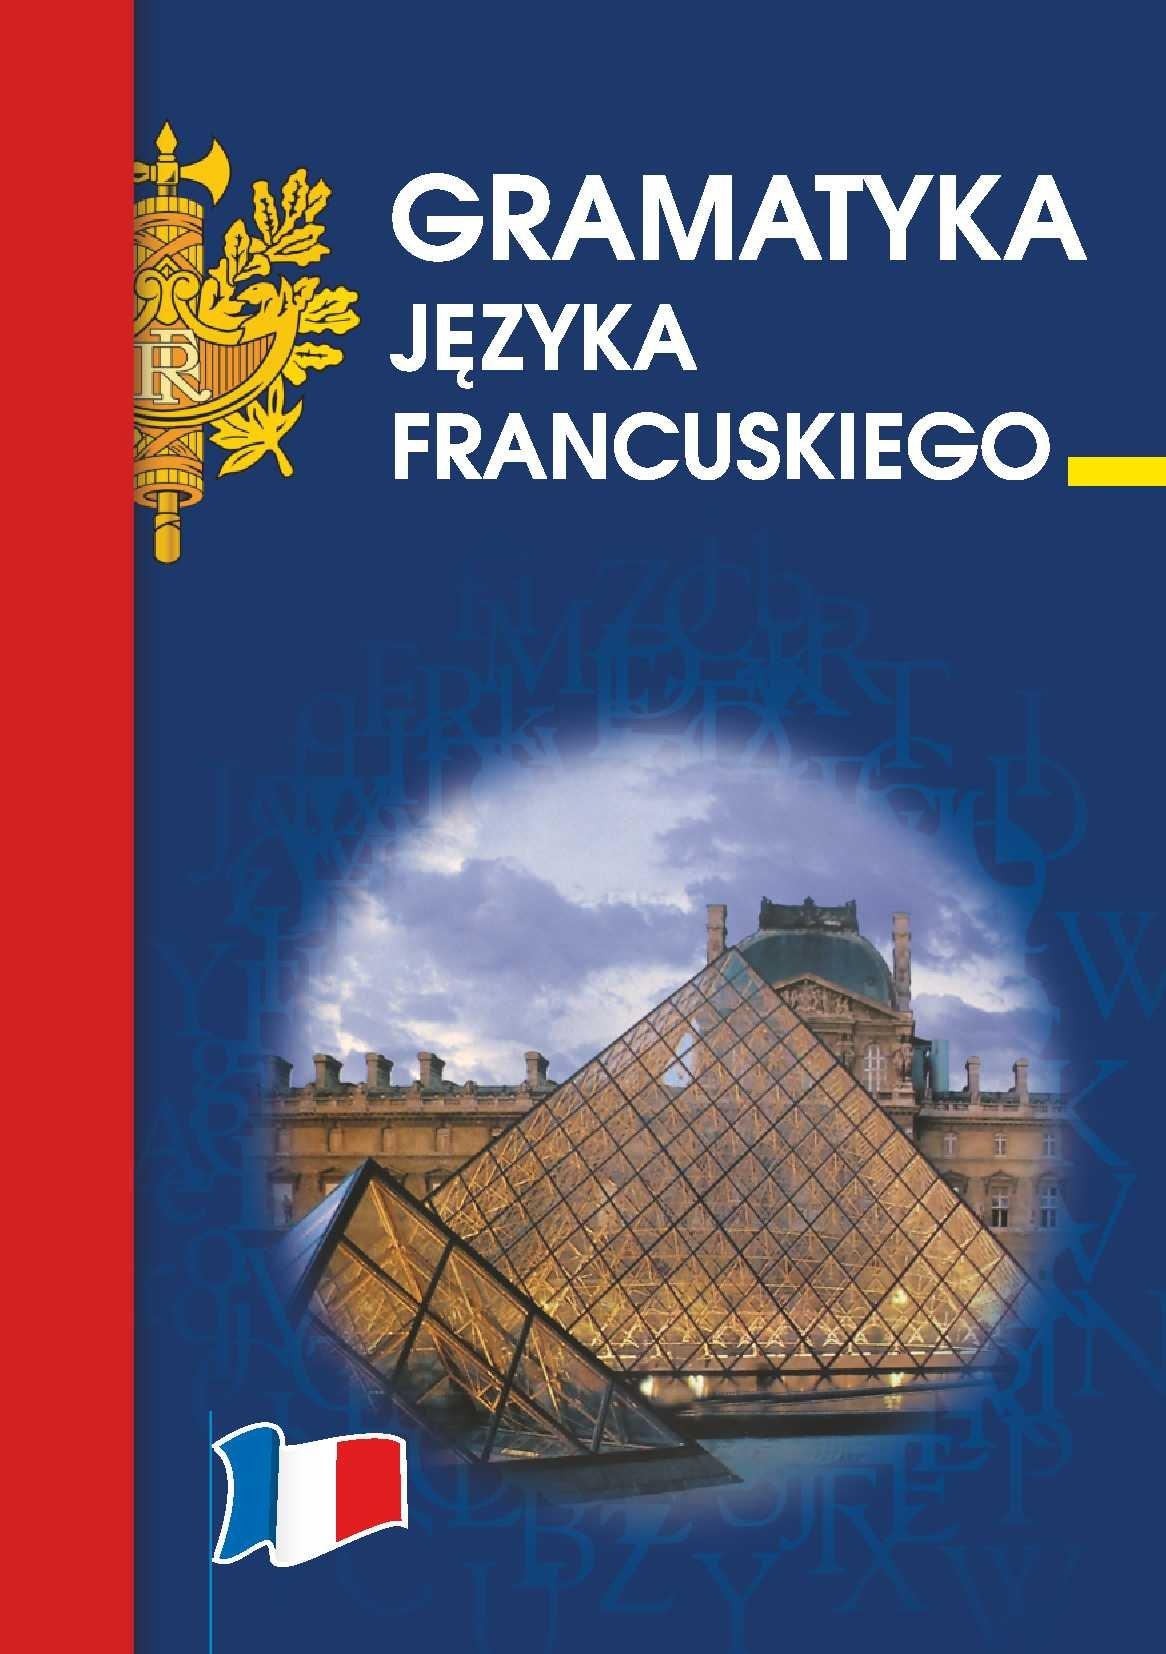 Gramatyka języka francuskiego - Ebook (Książka PDF) do pobrania w formacie PDF